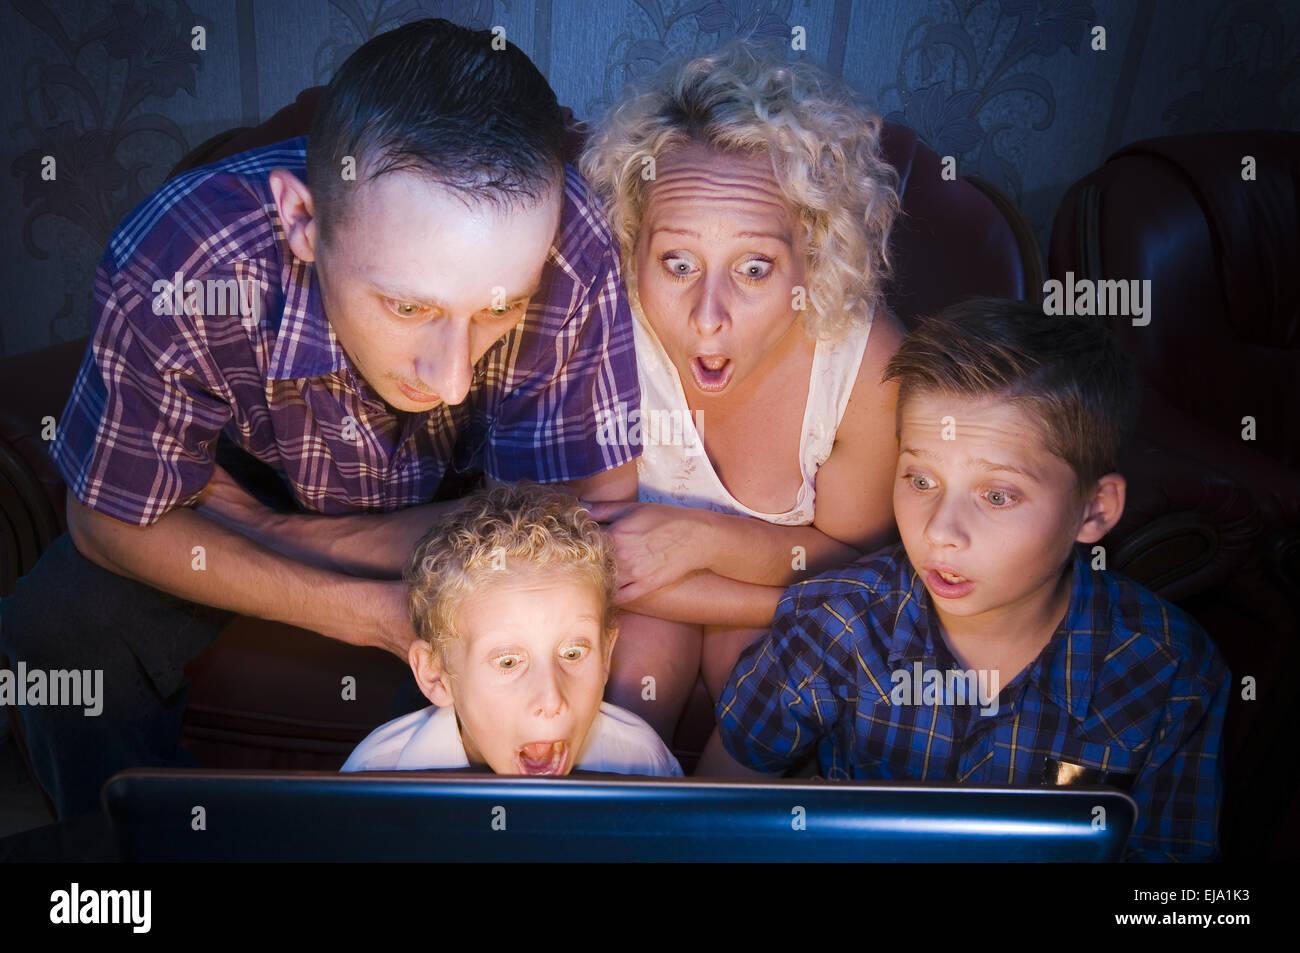 shockes familiy - Stock Image